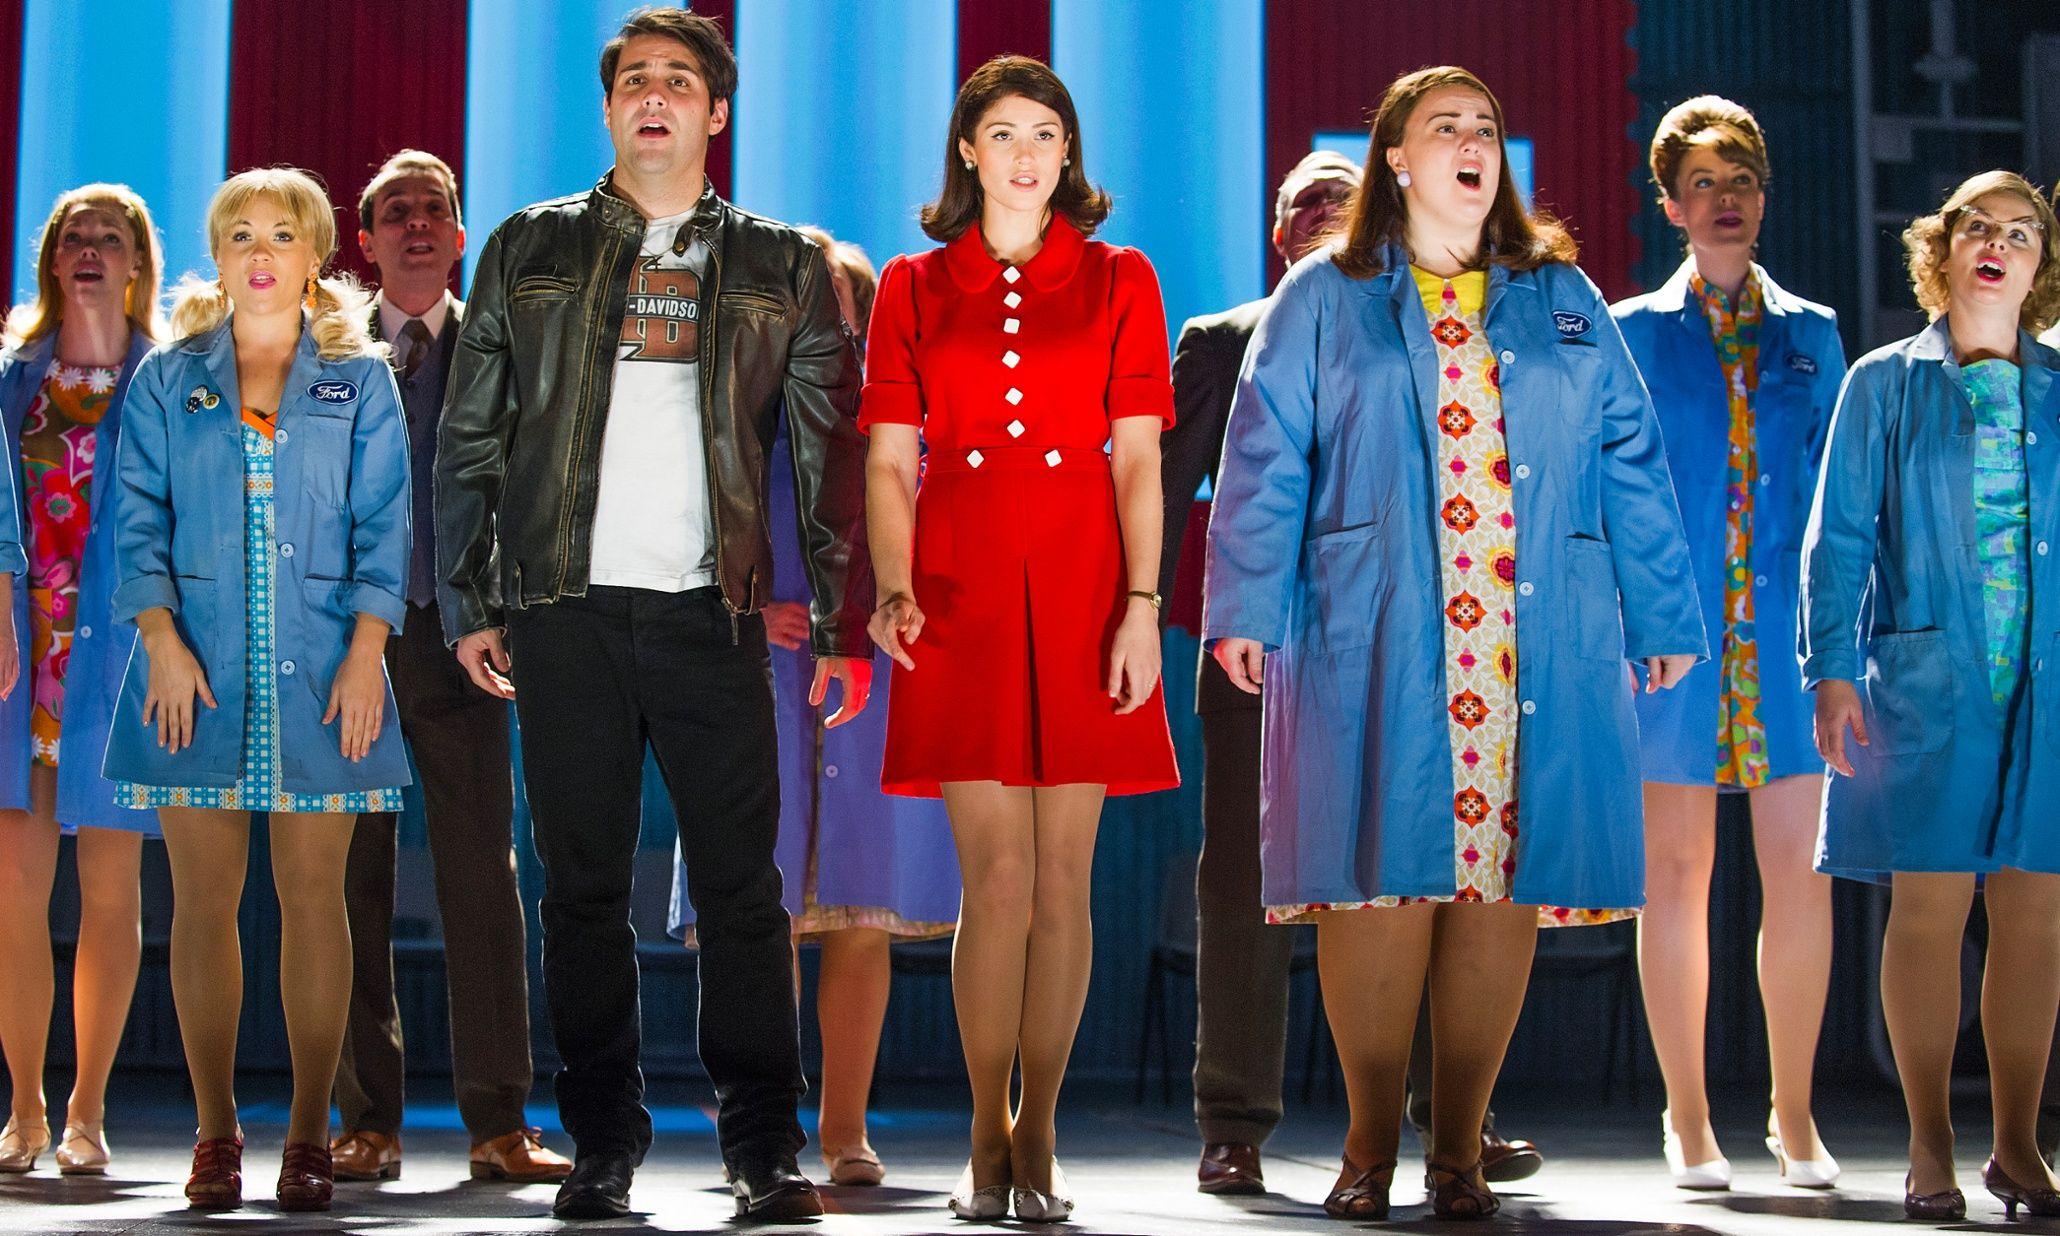 Made In Dagenham Review Brassy Gemma Arterton Musical Lacks